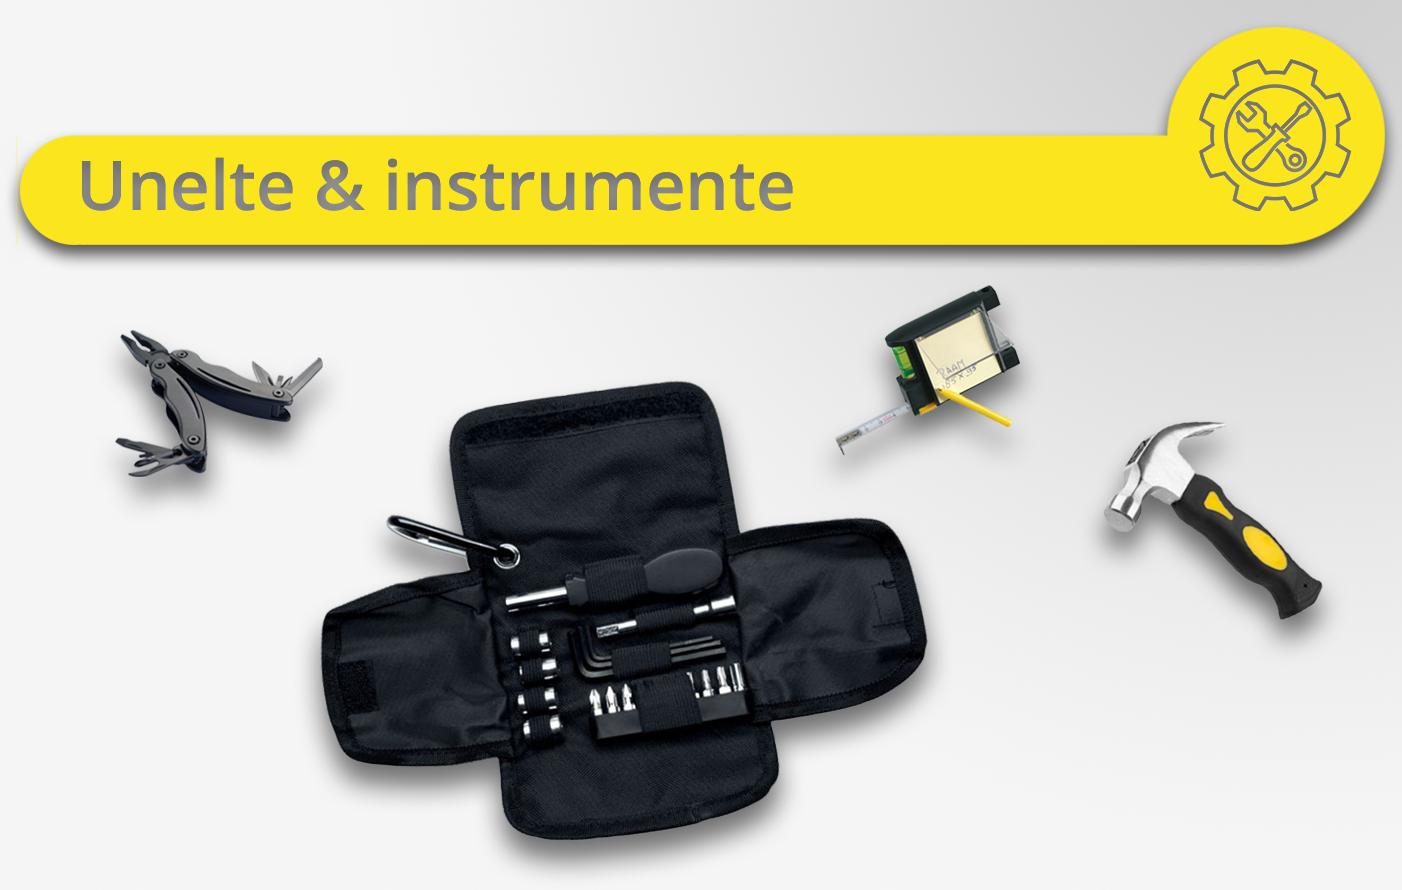 Unelte & Instrumente